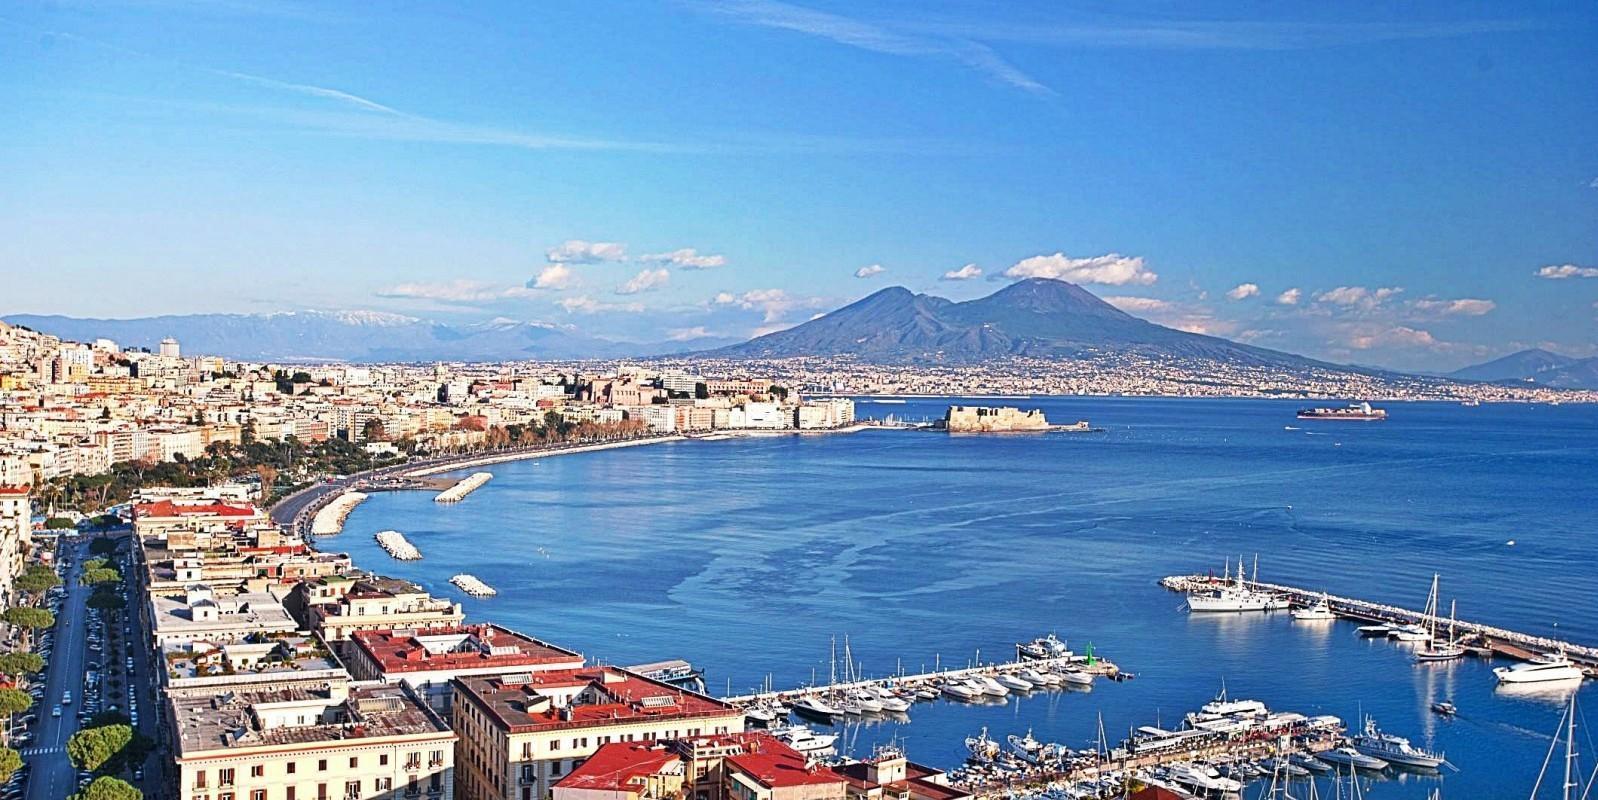 Si24 consiglia: Napoli – gli eventi dal 13 al 15 ottobre